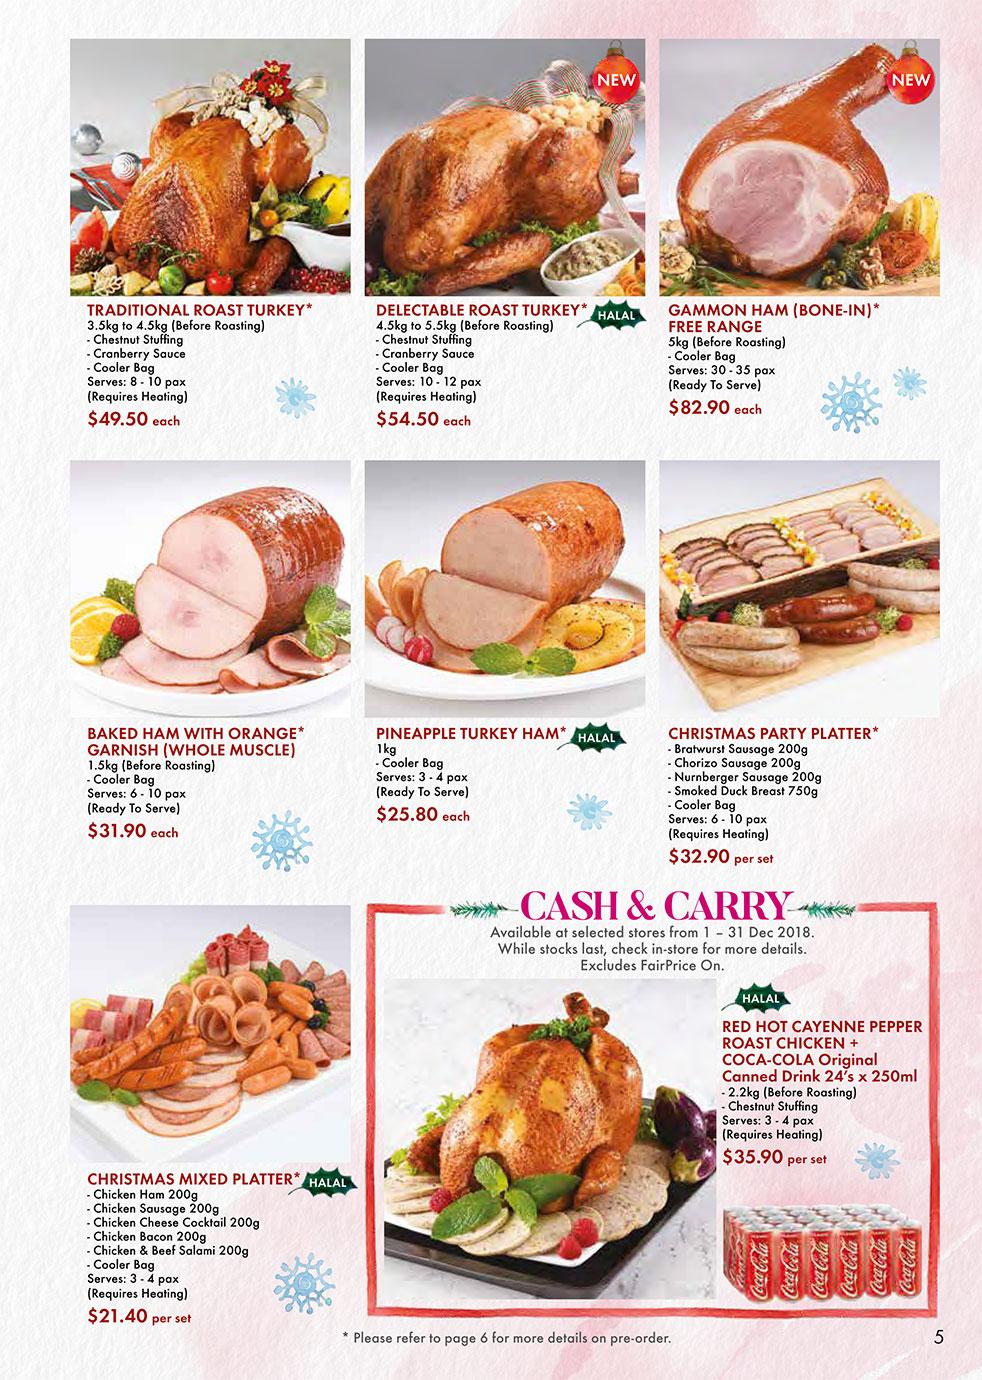 FairPrice Christmas Catalogue - Deli